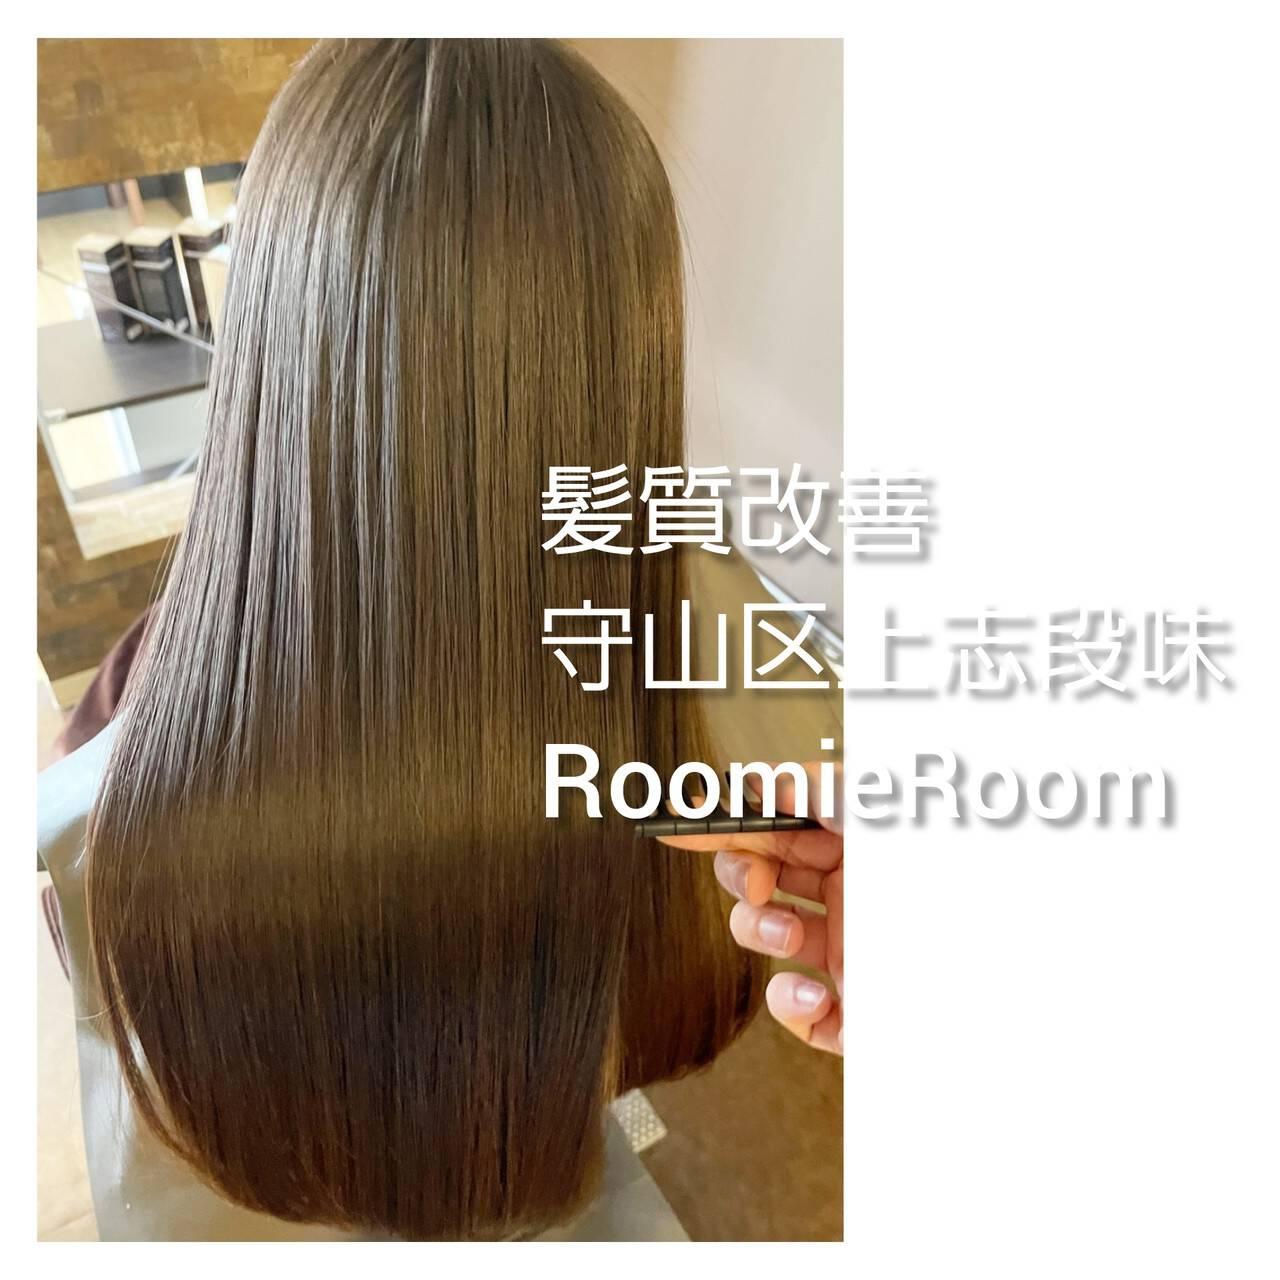 ナチュラル ヘアカラー 美髪 ロングヘアスタイルや髪型の写真・画像